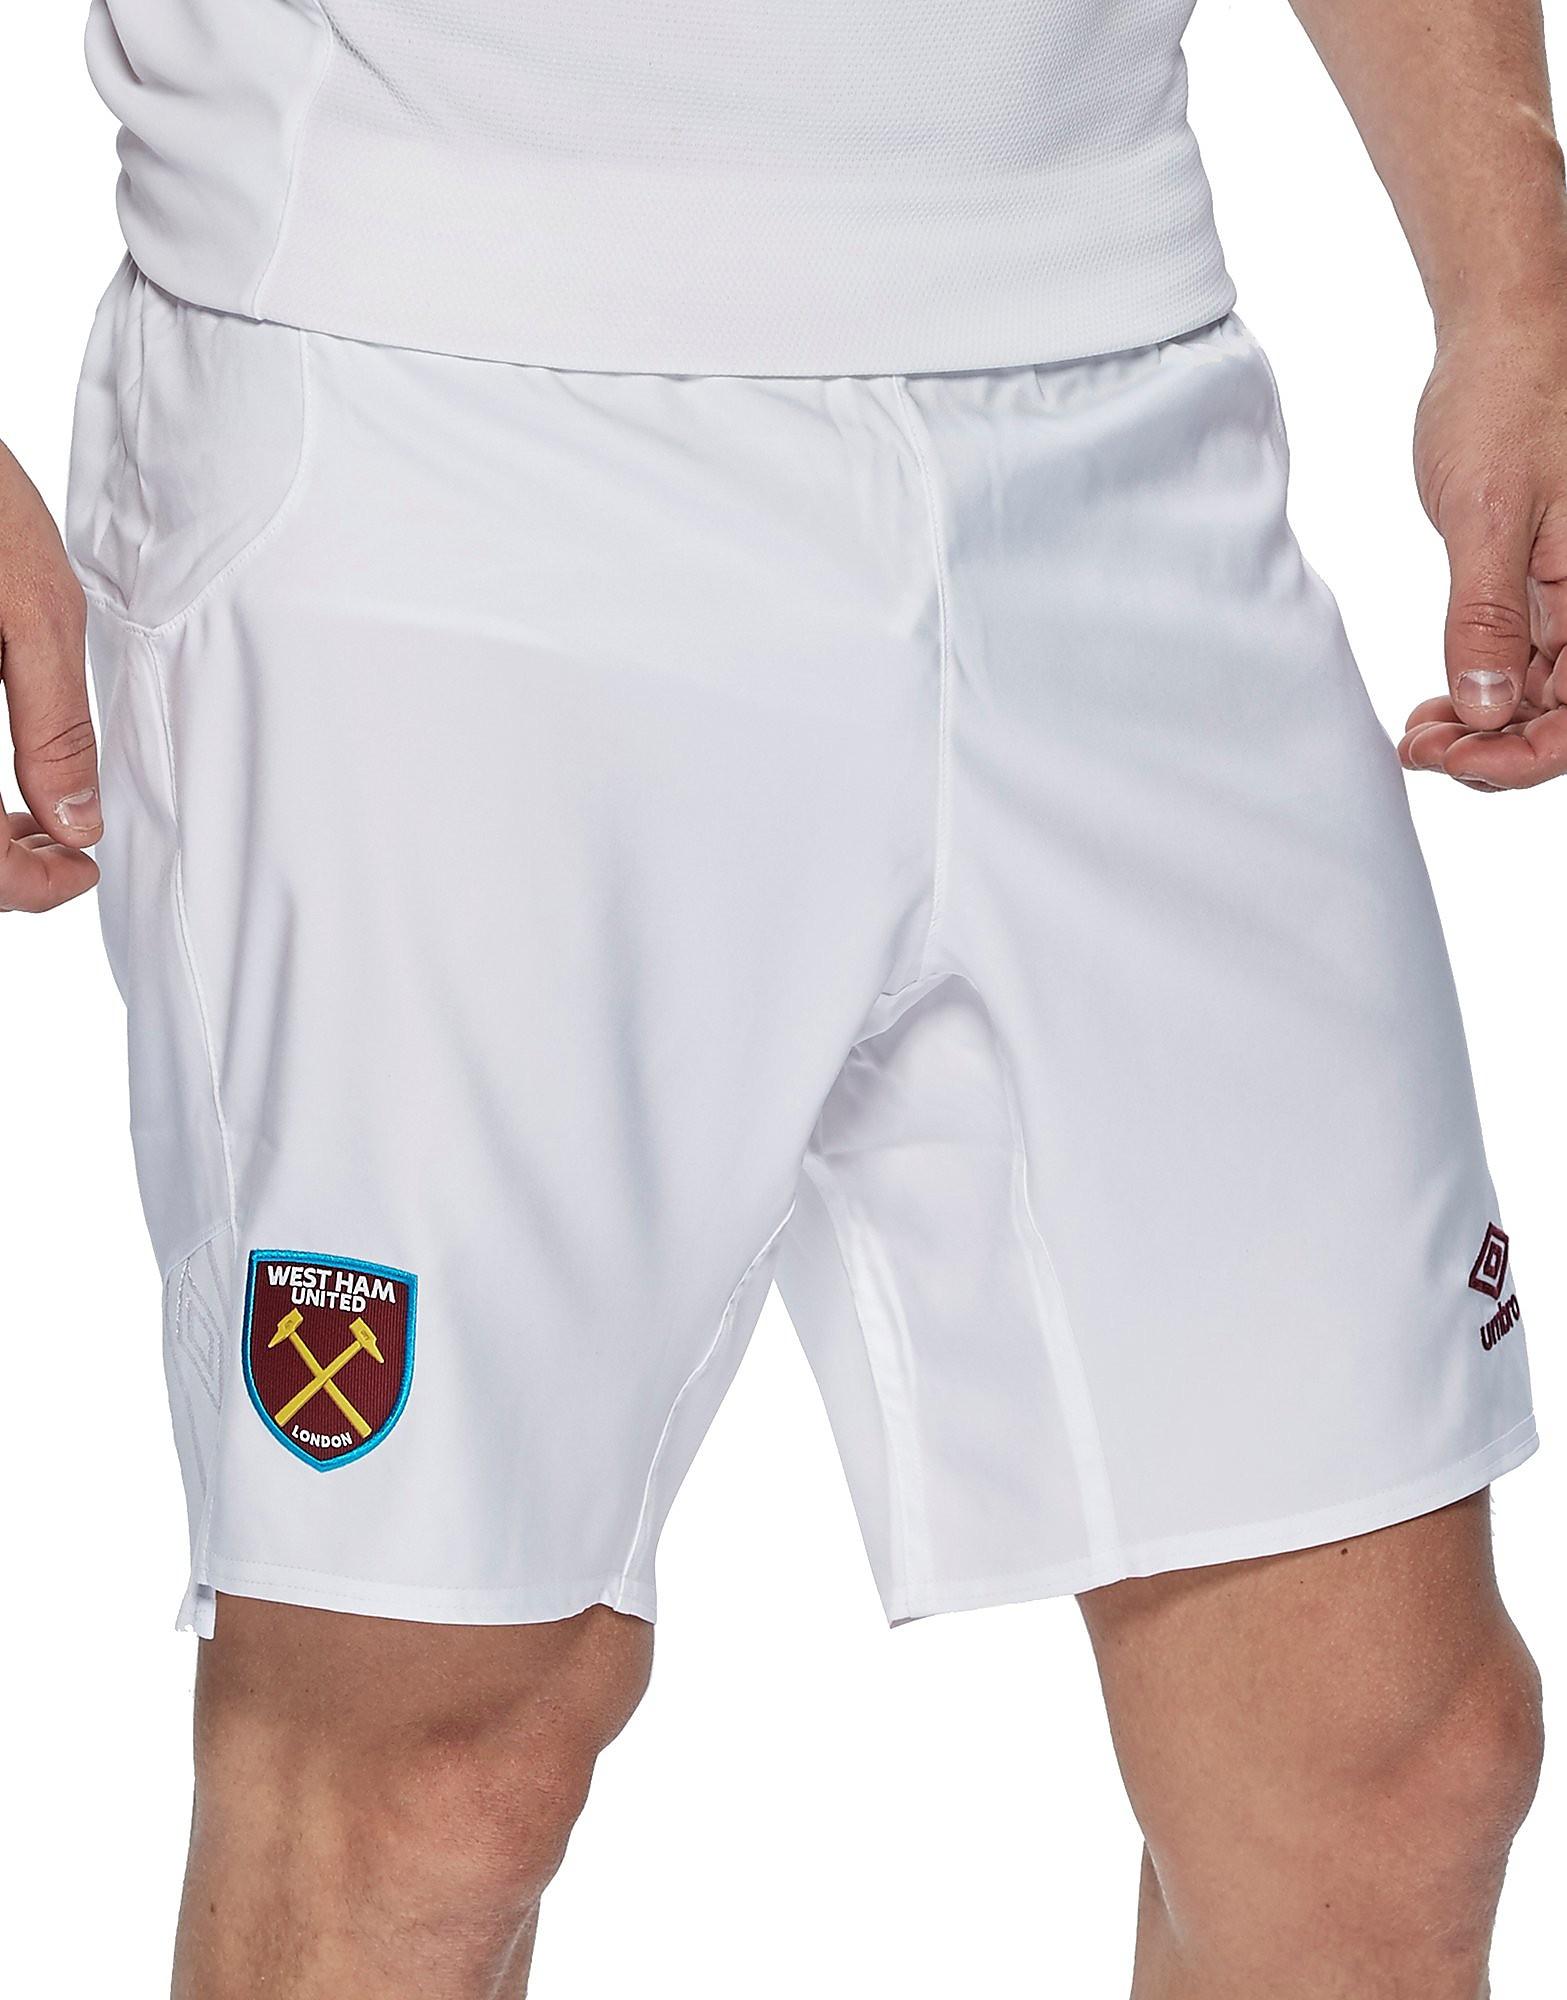 Umbro West Ham United 2017/18 Home Shorts